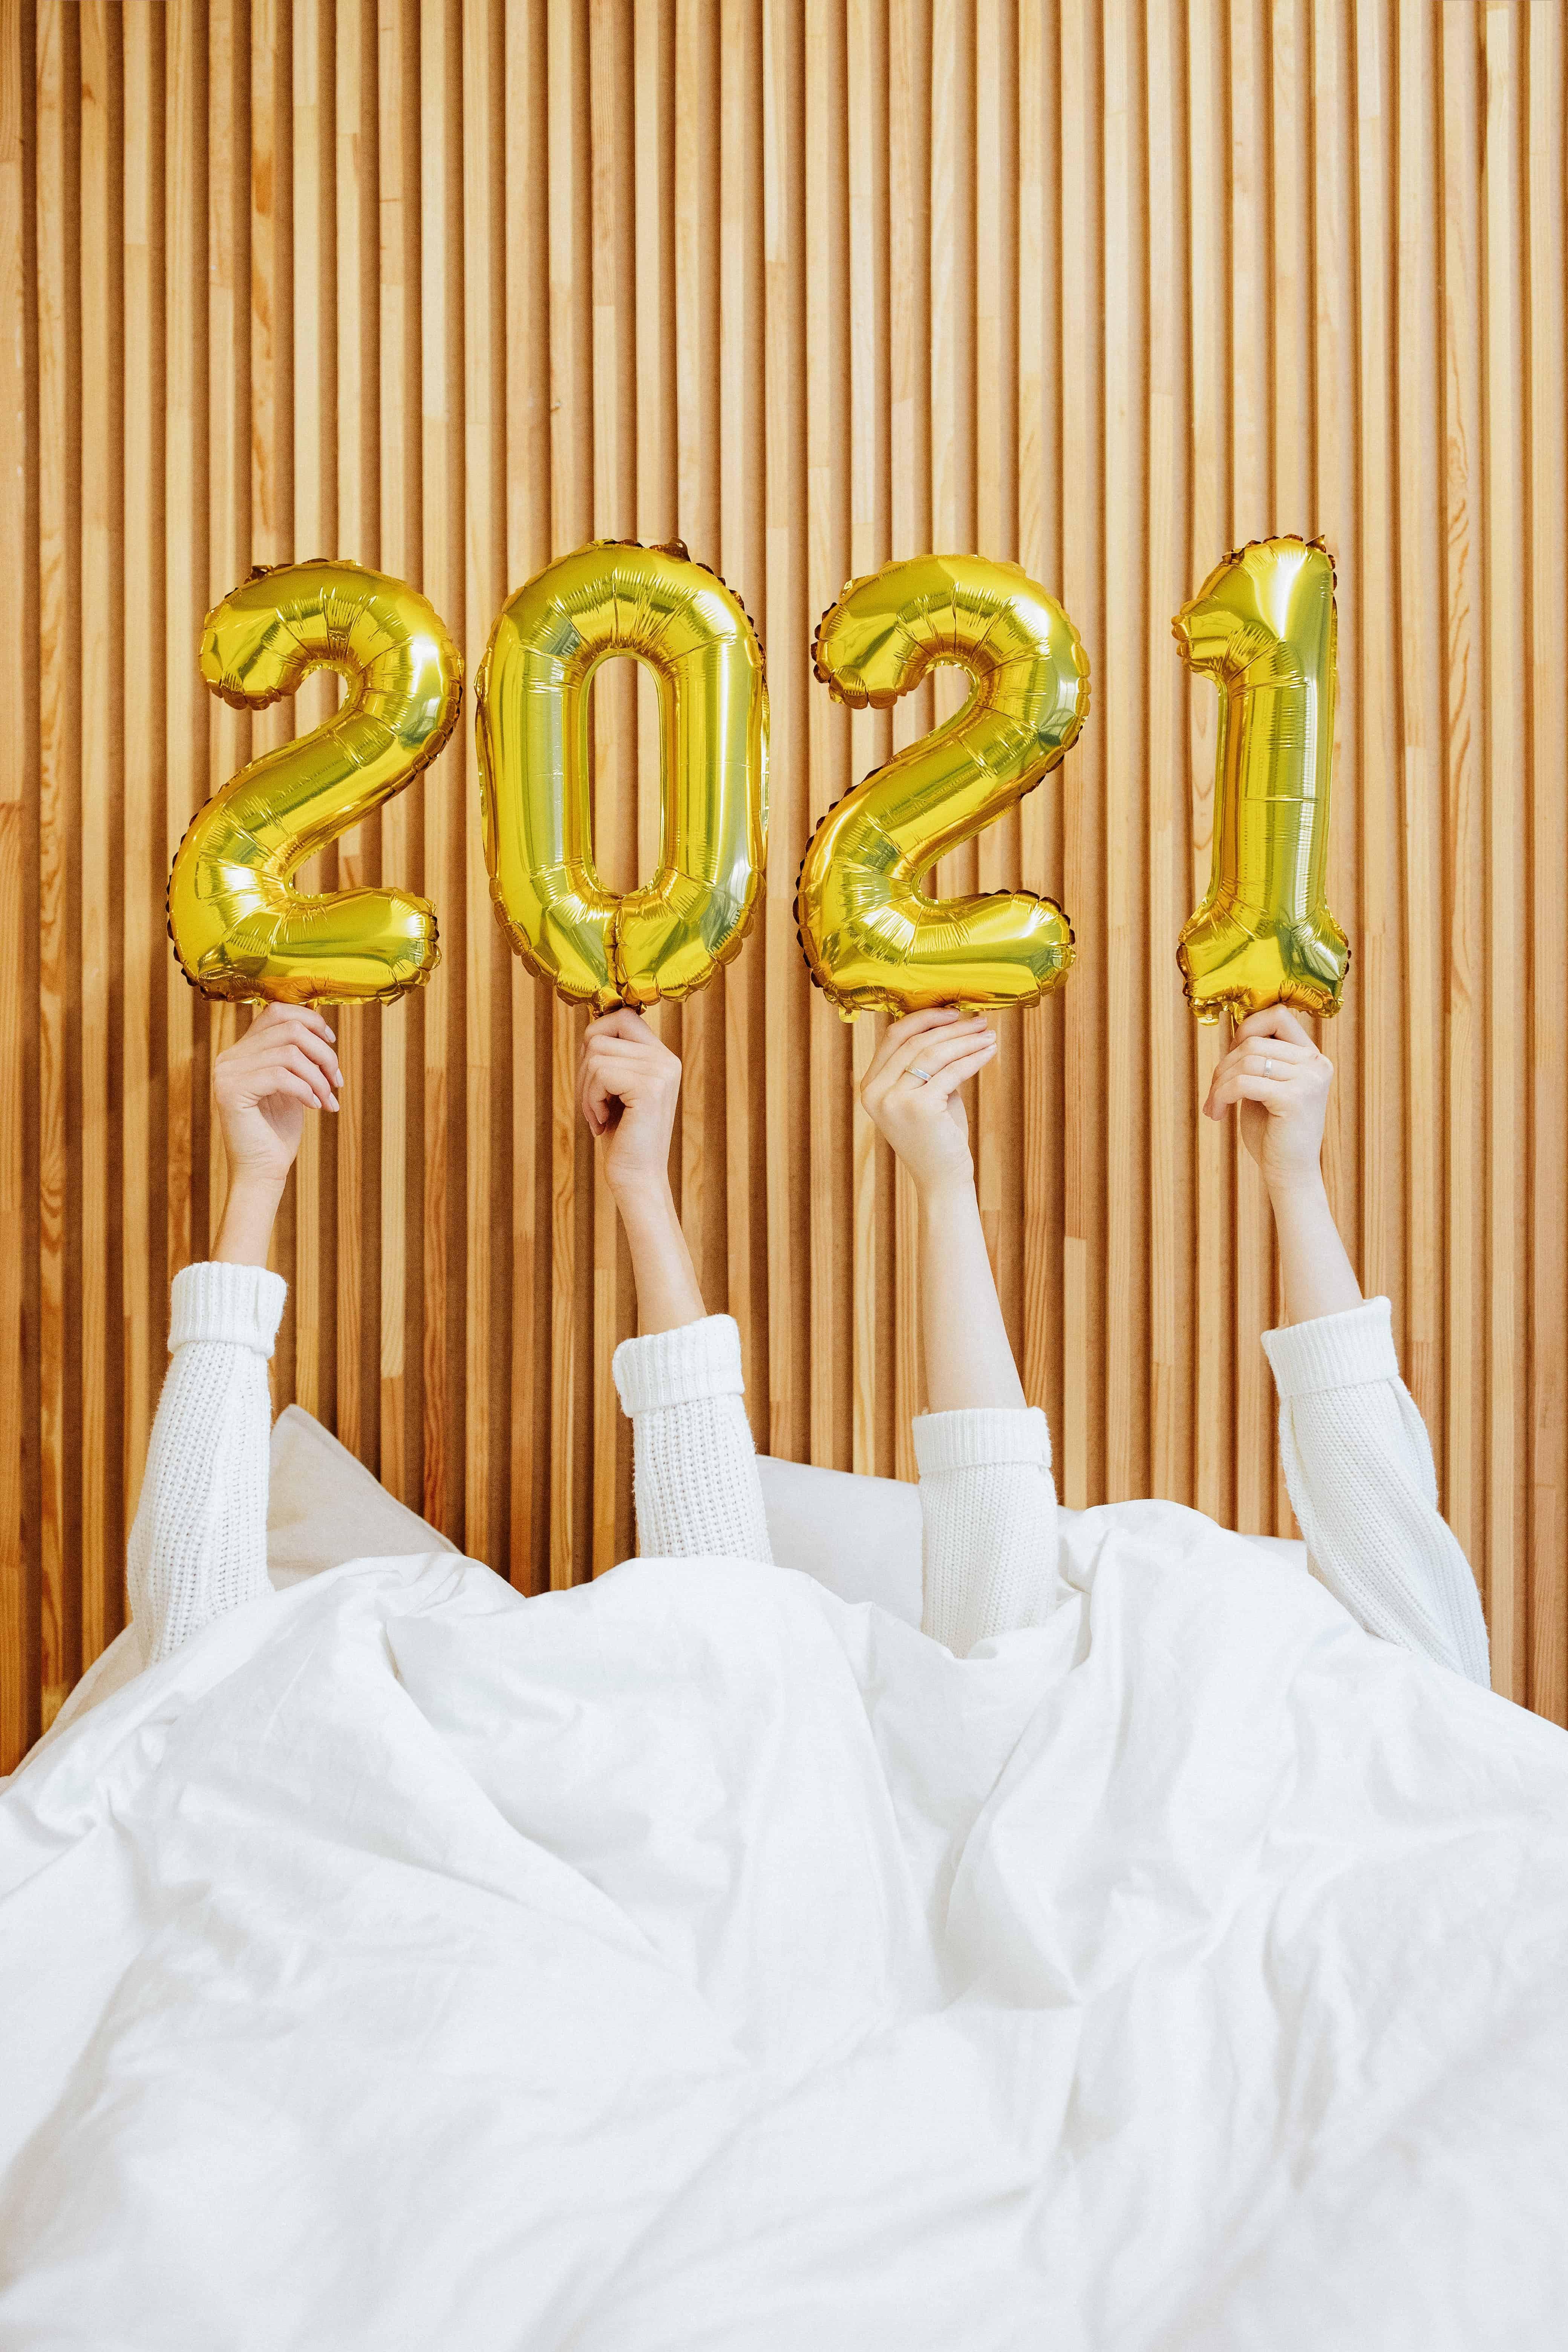 ¿Sabes que color será tendencia este año 2021?